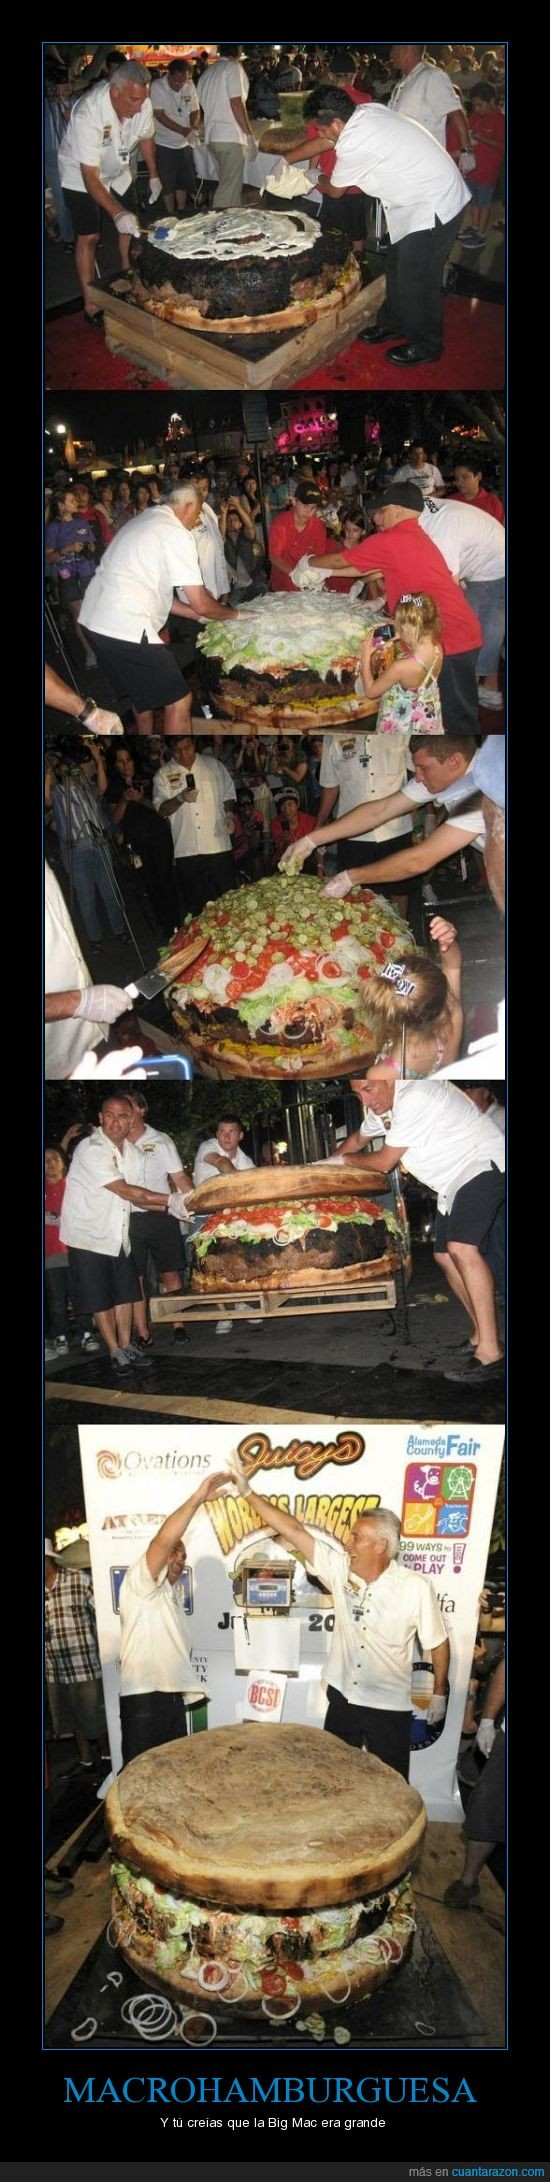 calorías,gigante,hamburguesa,record Guinness